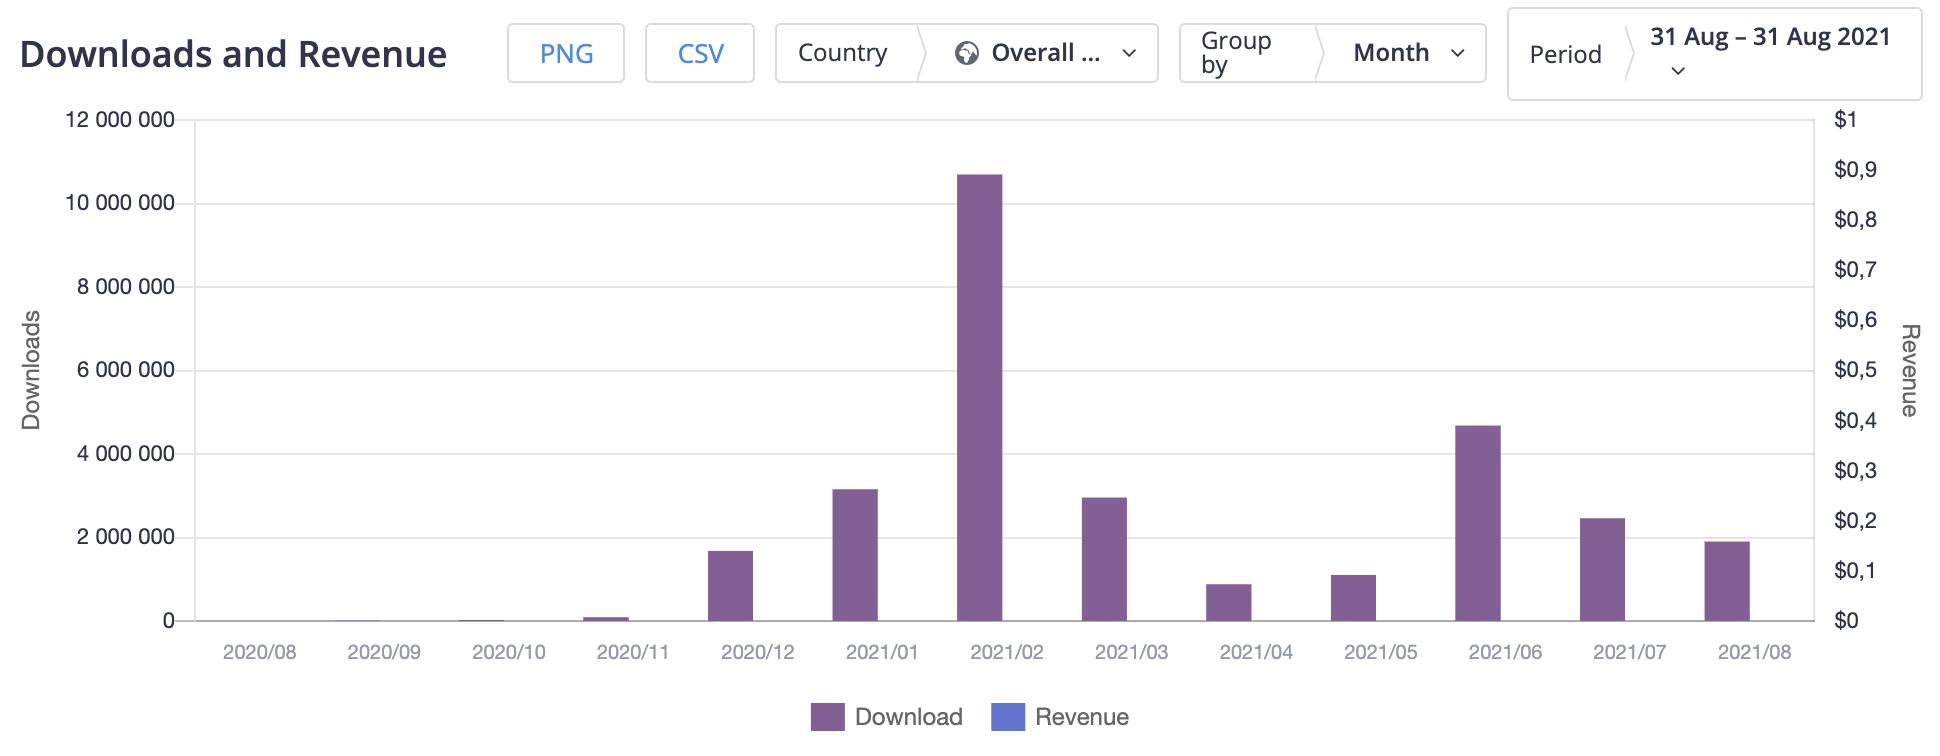 Downloads and revenue statistics according to Apptica.com